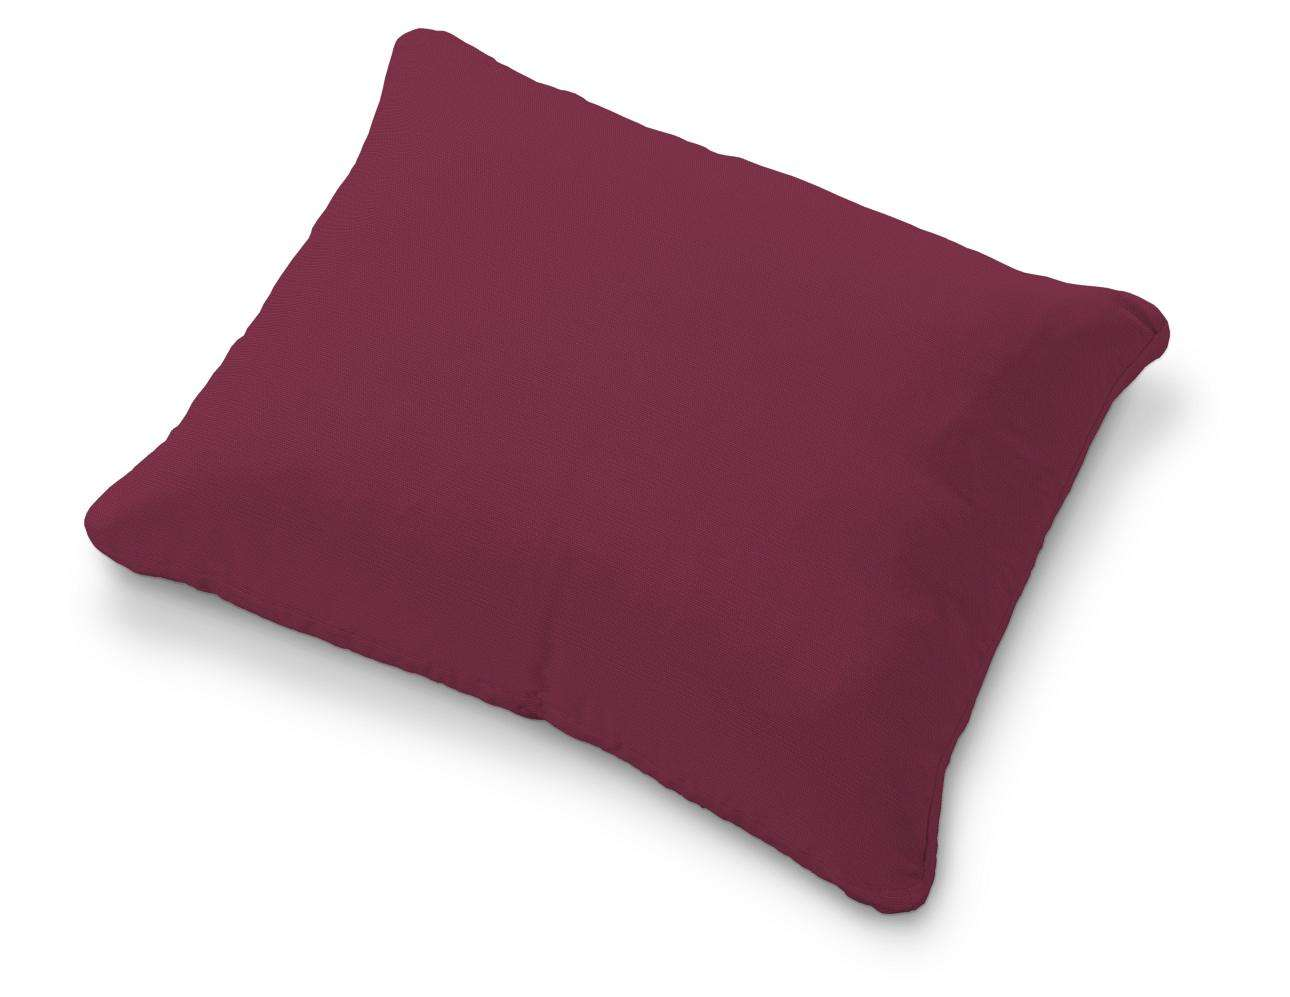 Karlstad pagalvėlės užvalkalas(58 cm x 48 cm) Karlstad pagavėlės užvalkalas 58x48cm kolekcijoje Cotton Panama, audinys: 702-32